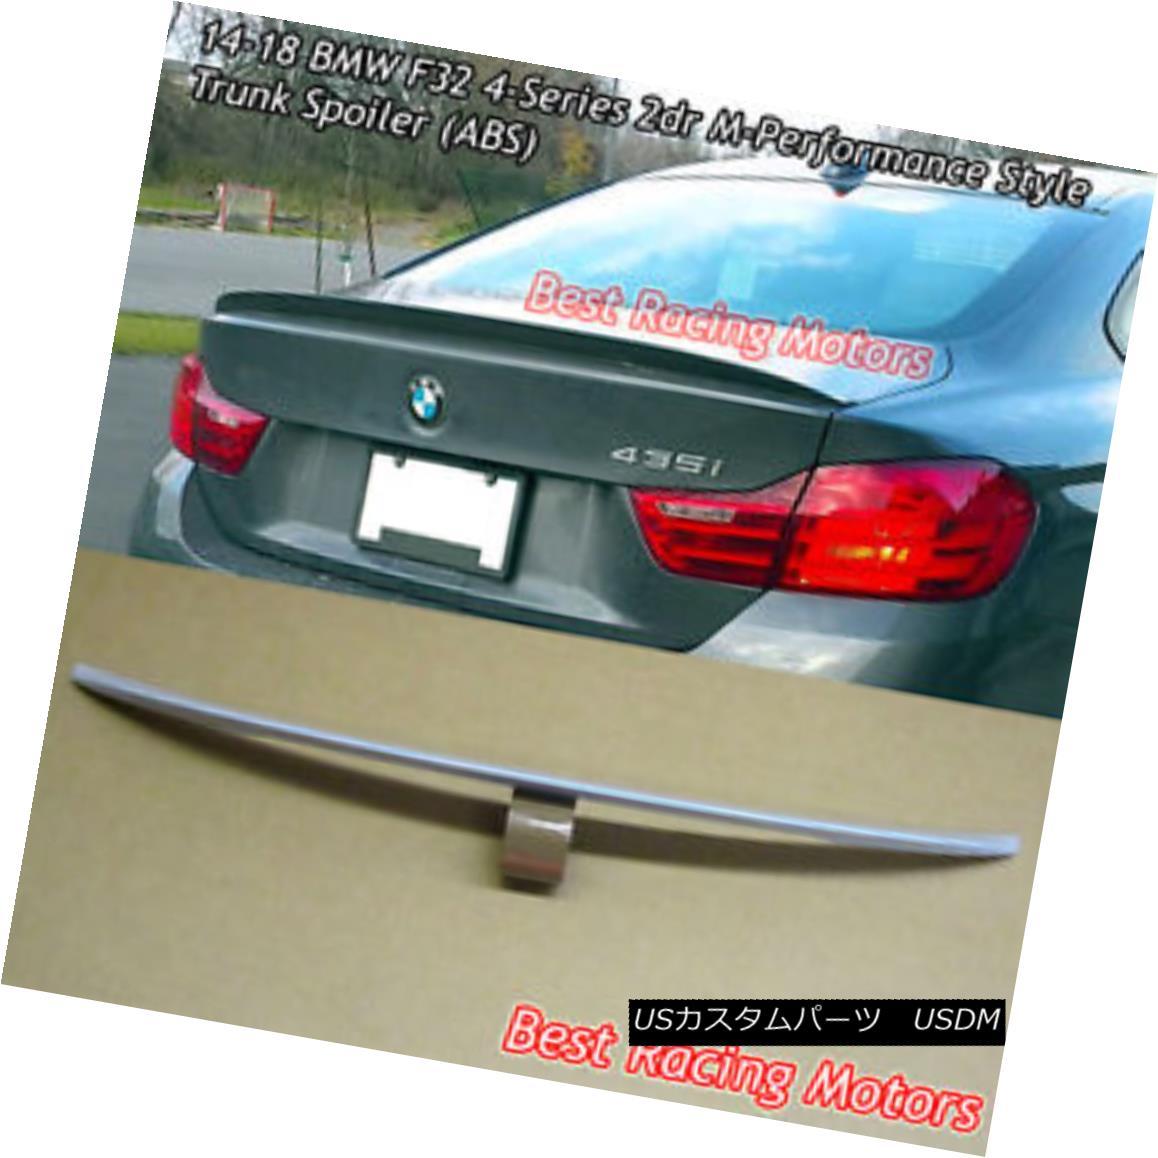 エアロパーツ Performance Style Trunk Spoiler (ABS) Fits 14-18 BMW F32 2dr 4-Series パフォーマンススタイルのトランク・スポイラー(ABS)が14-18に適合BMW F32 2dr 4シリーズ